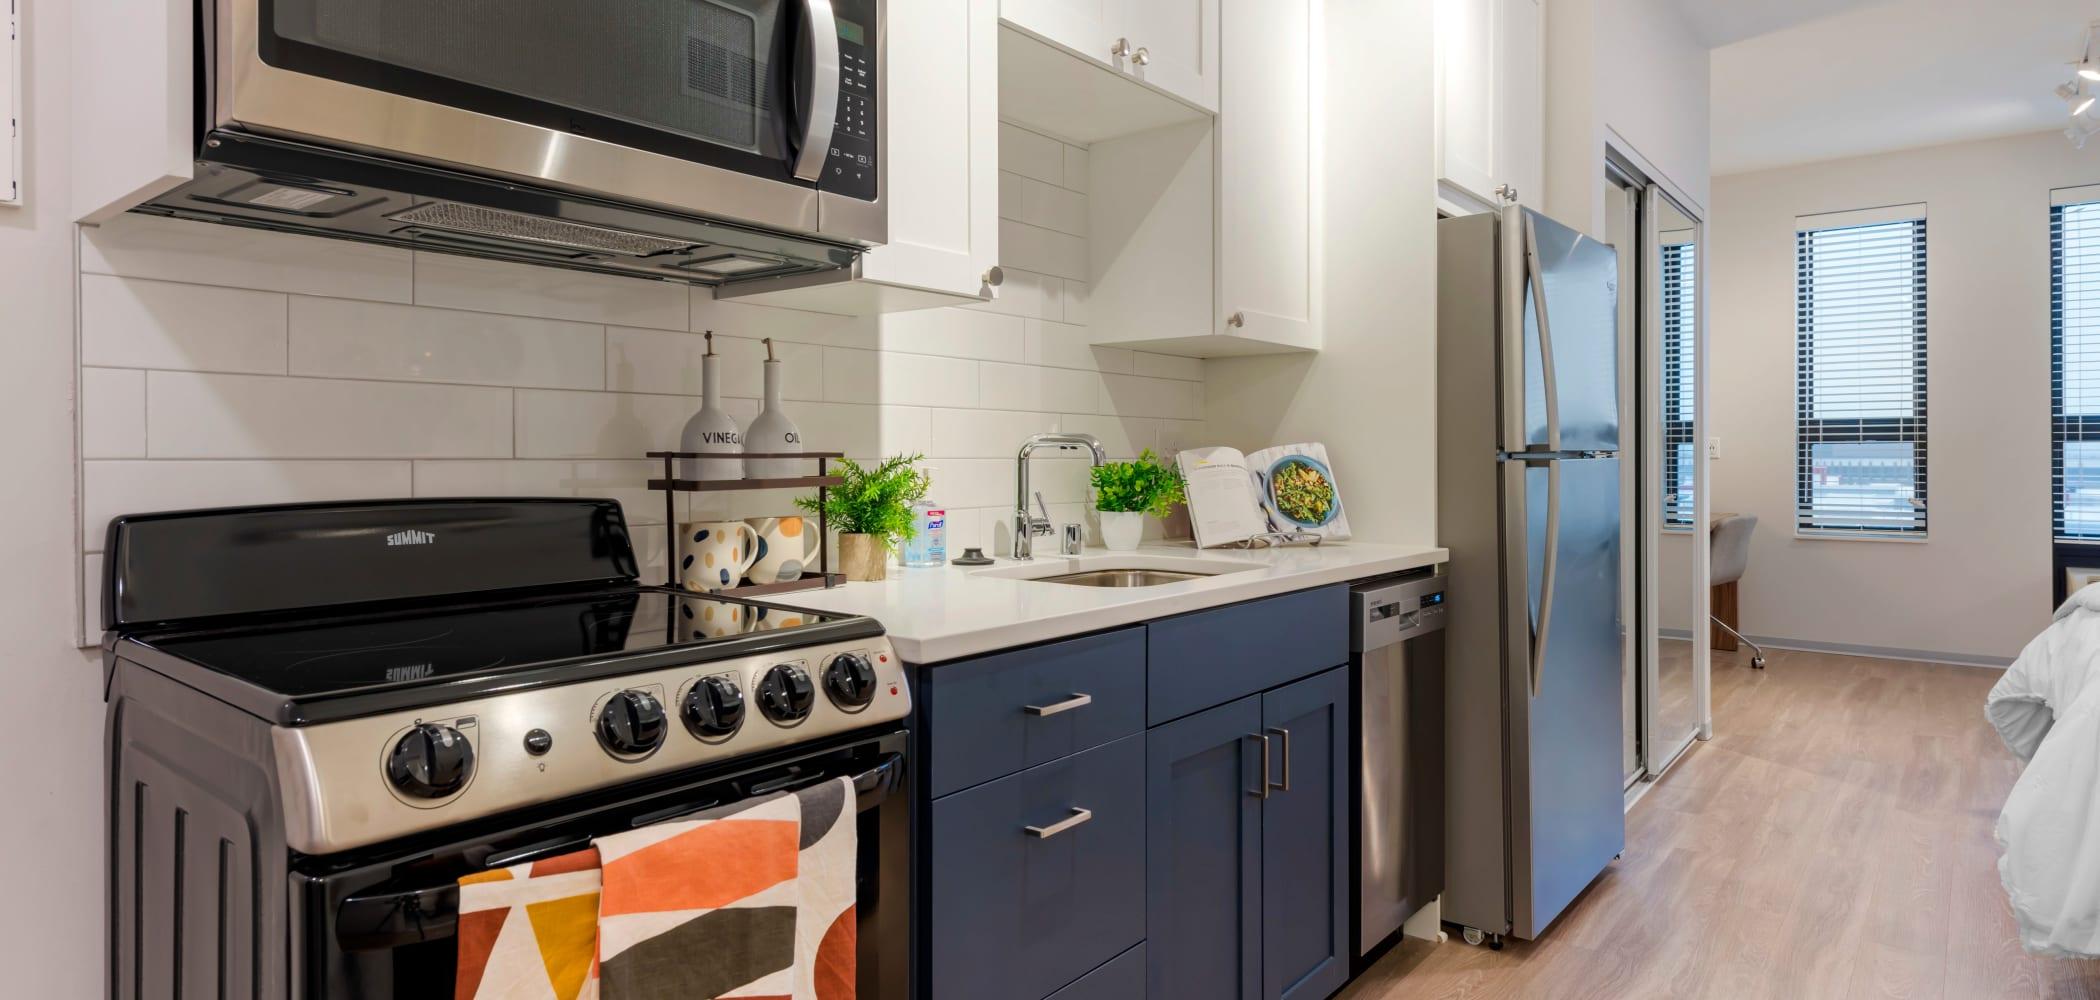 Stainless steel kitchen at HERE Minneapolis in Minneapolis, Minnesota